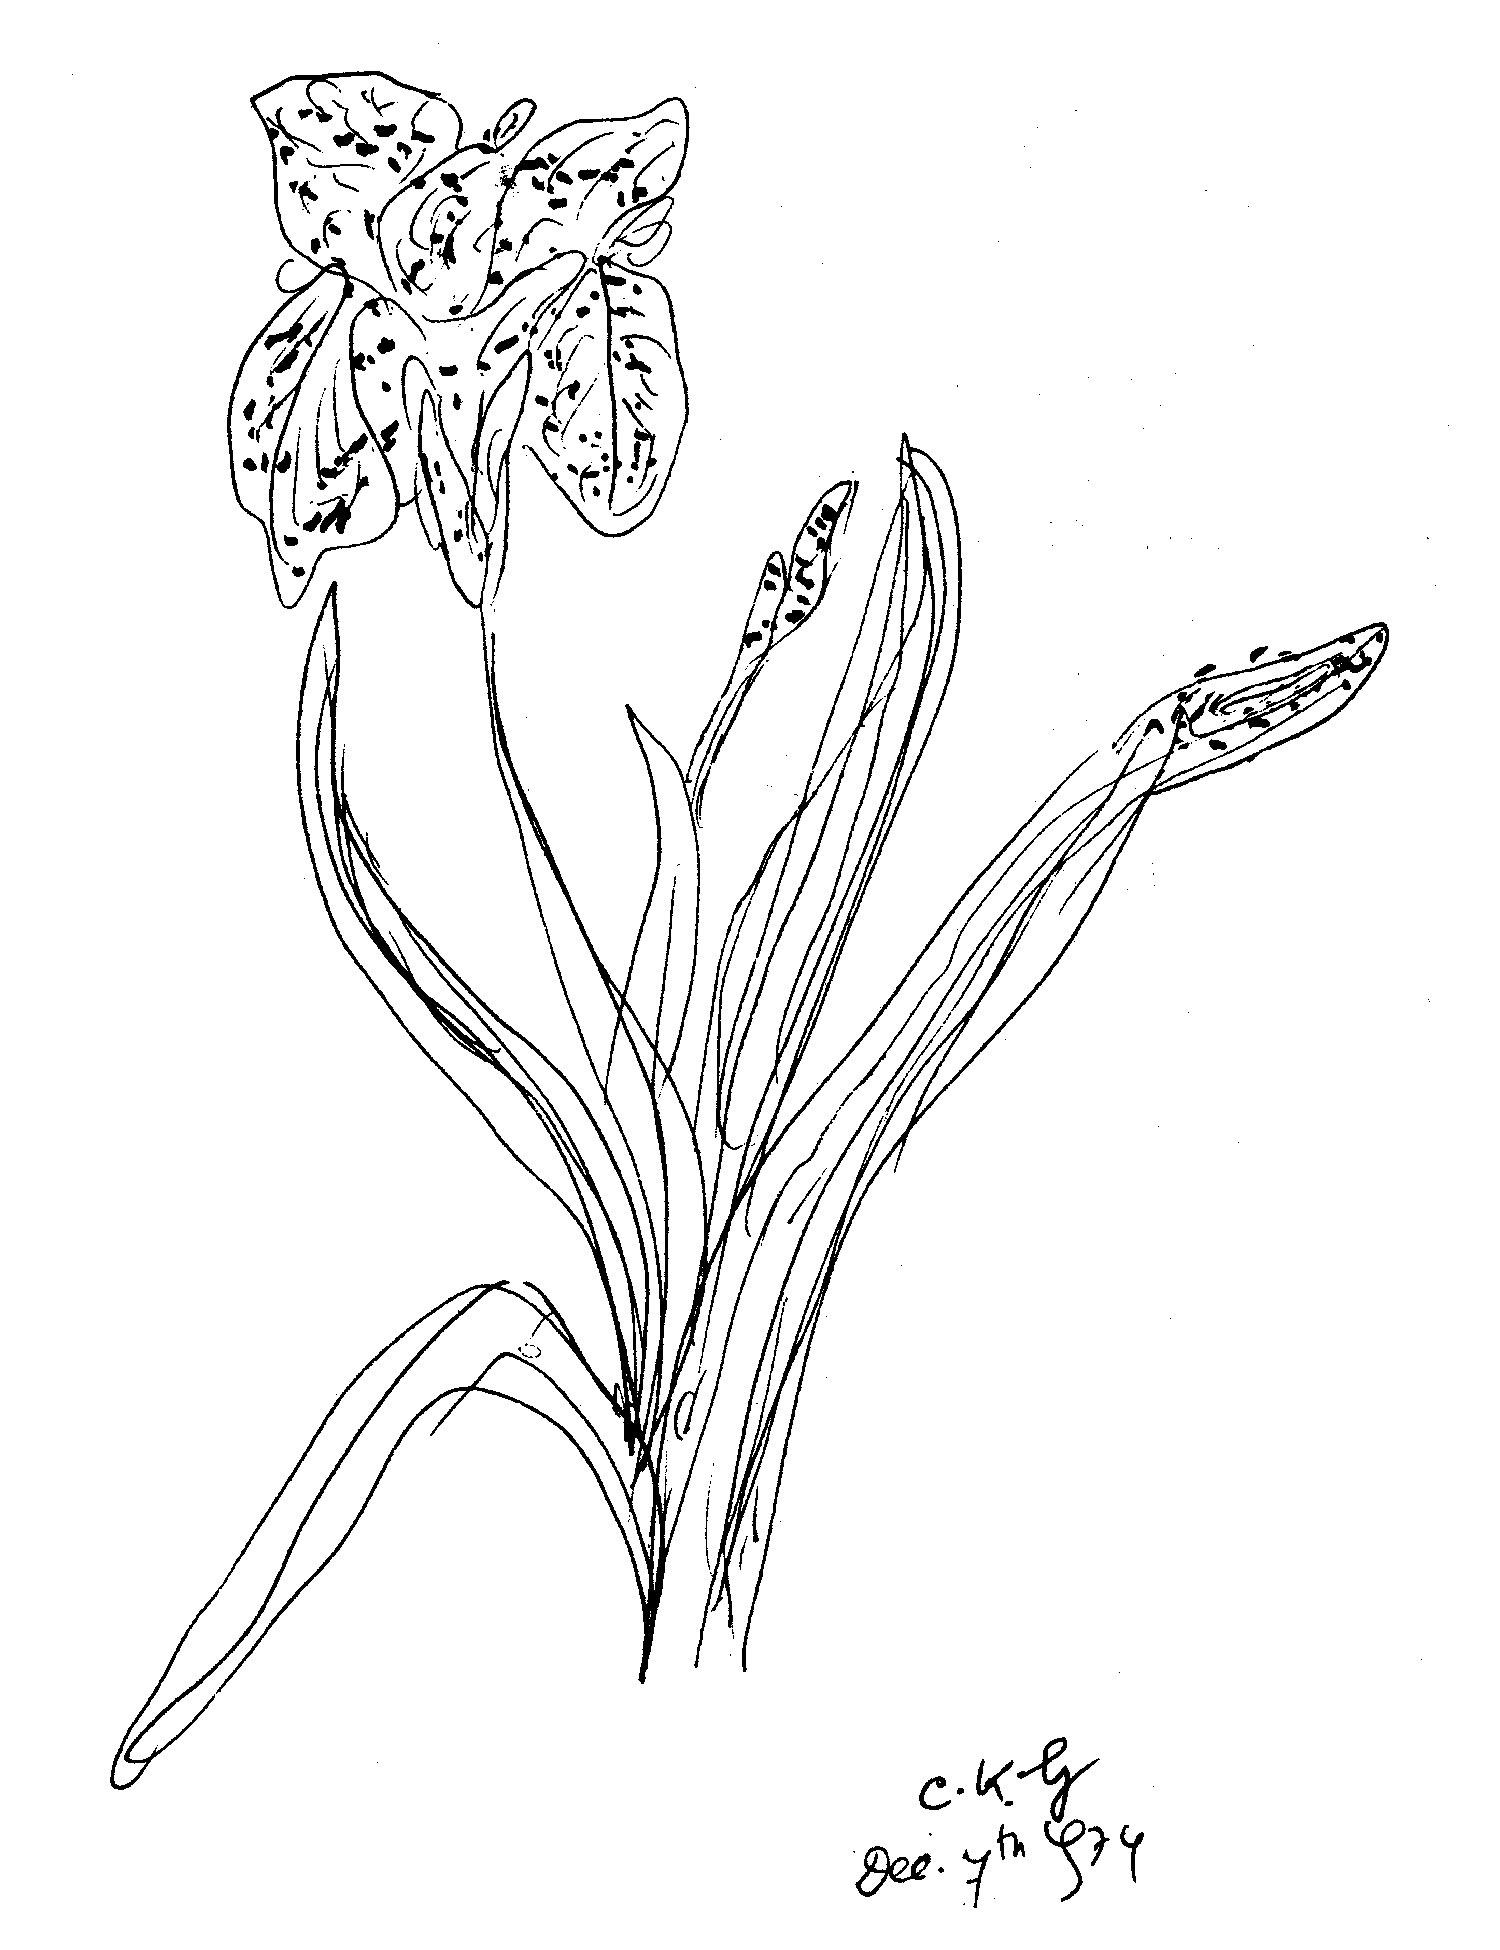 7-12-1974-flower-ckg